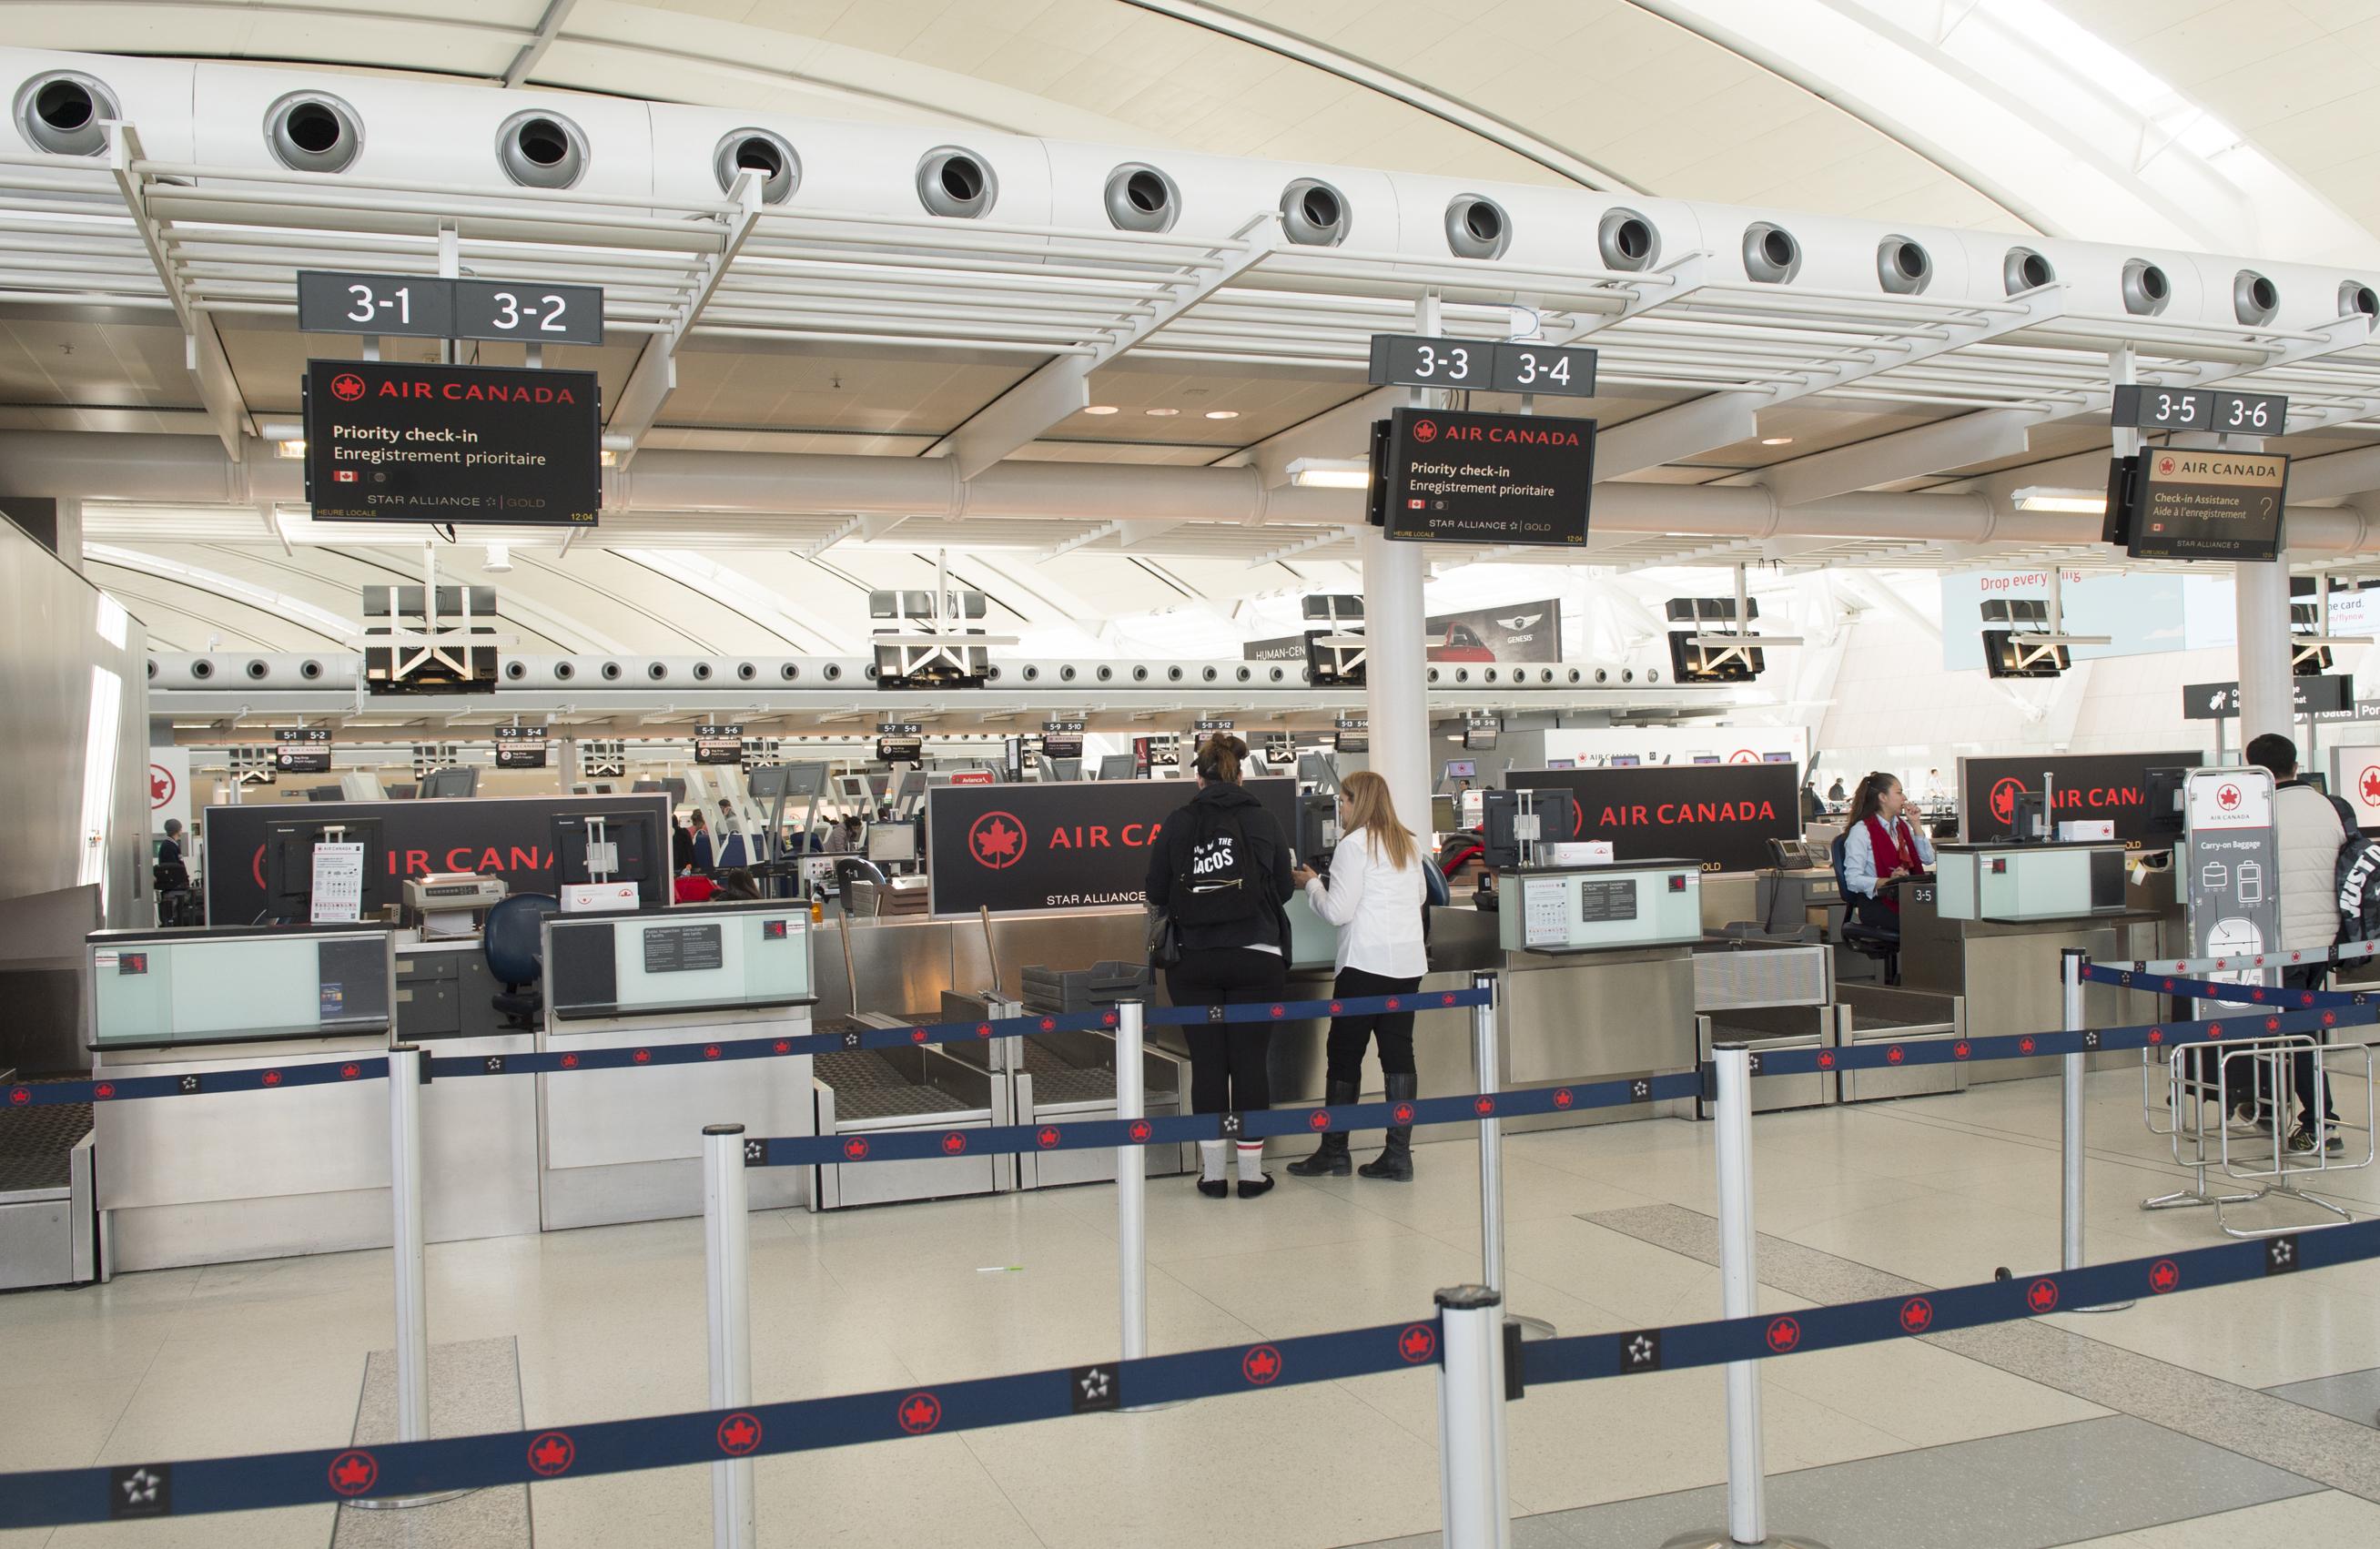 L'enregistrement pourrait prendre beaucoup plus de temps à l'ère des voyages aseptisés. Photo: Air Canada.